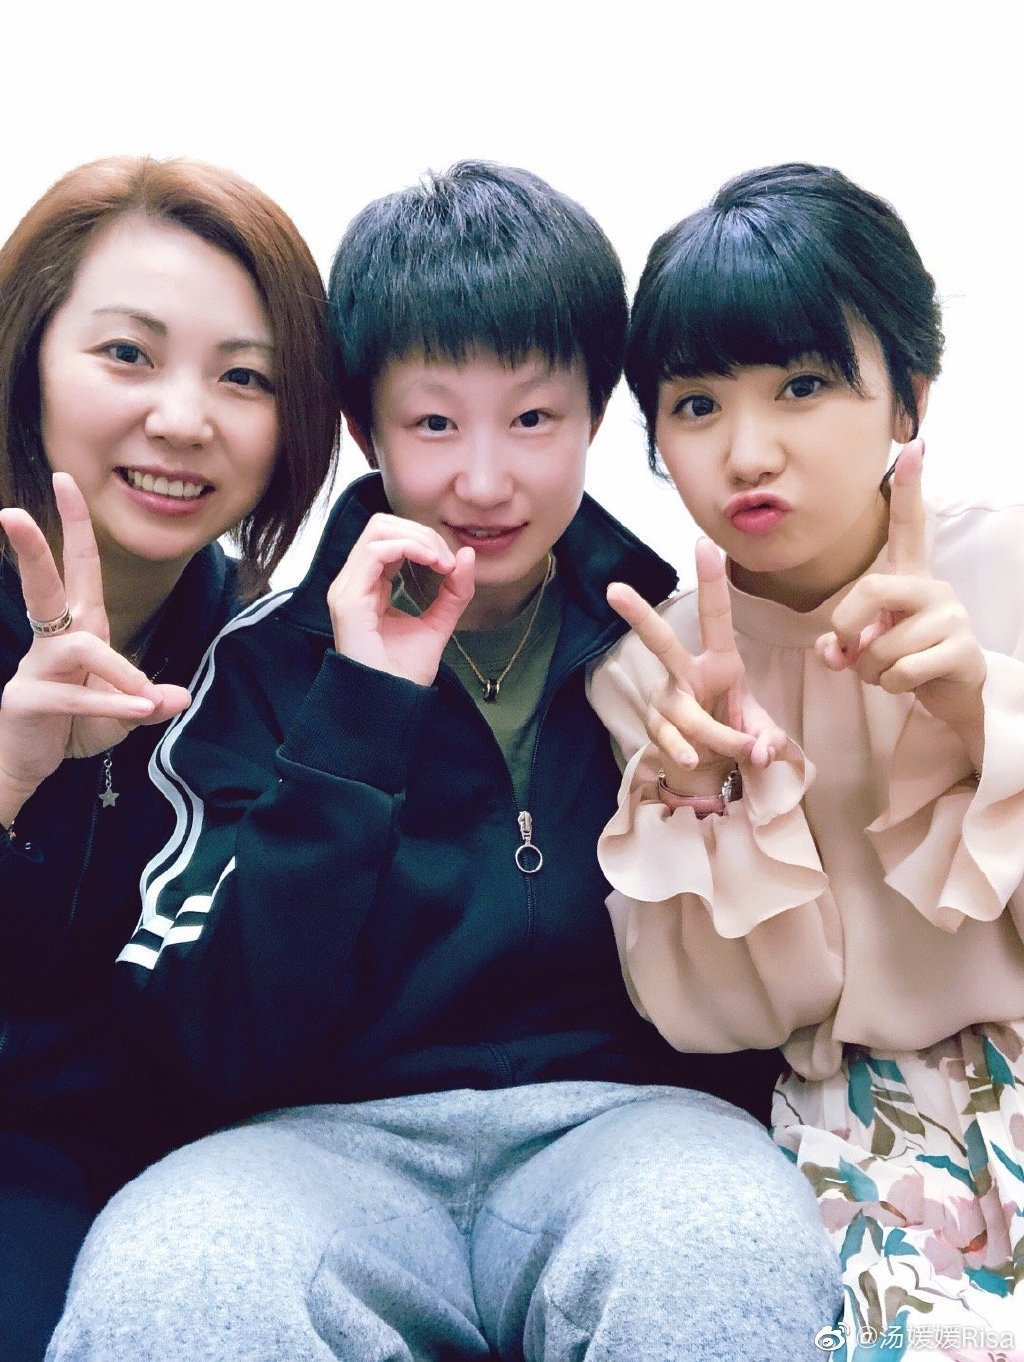 湯媛媛(左起)、金惠美以及福原愛是多年好友。圖/摘自微博